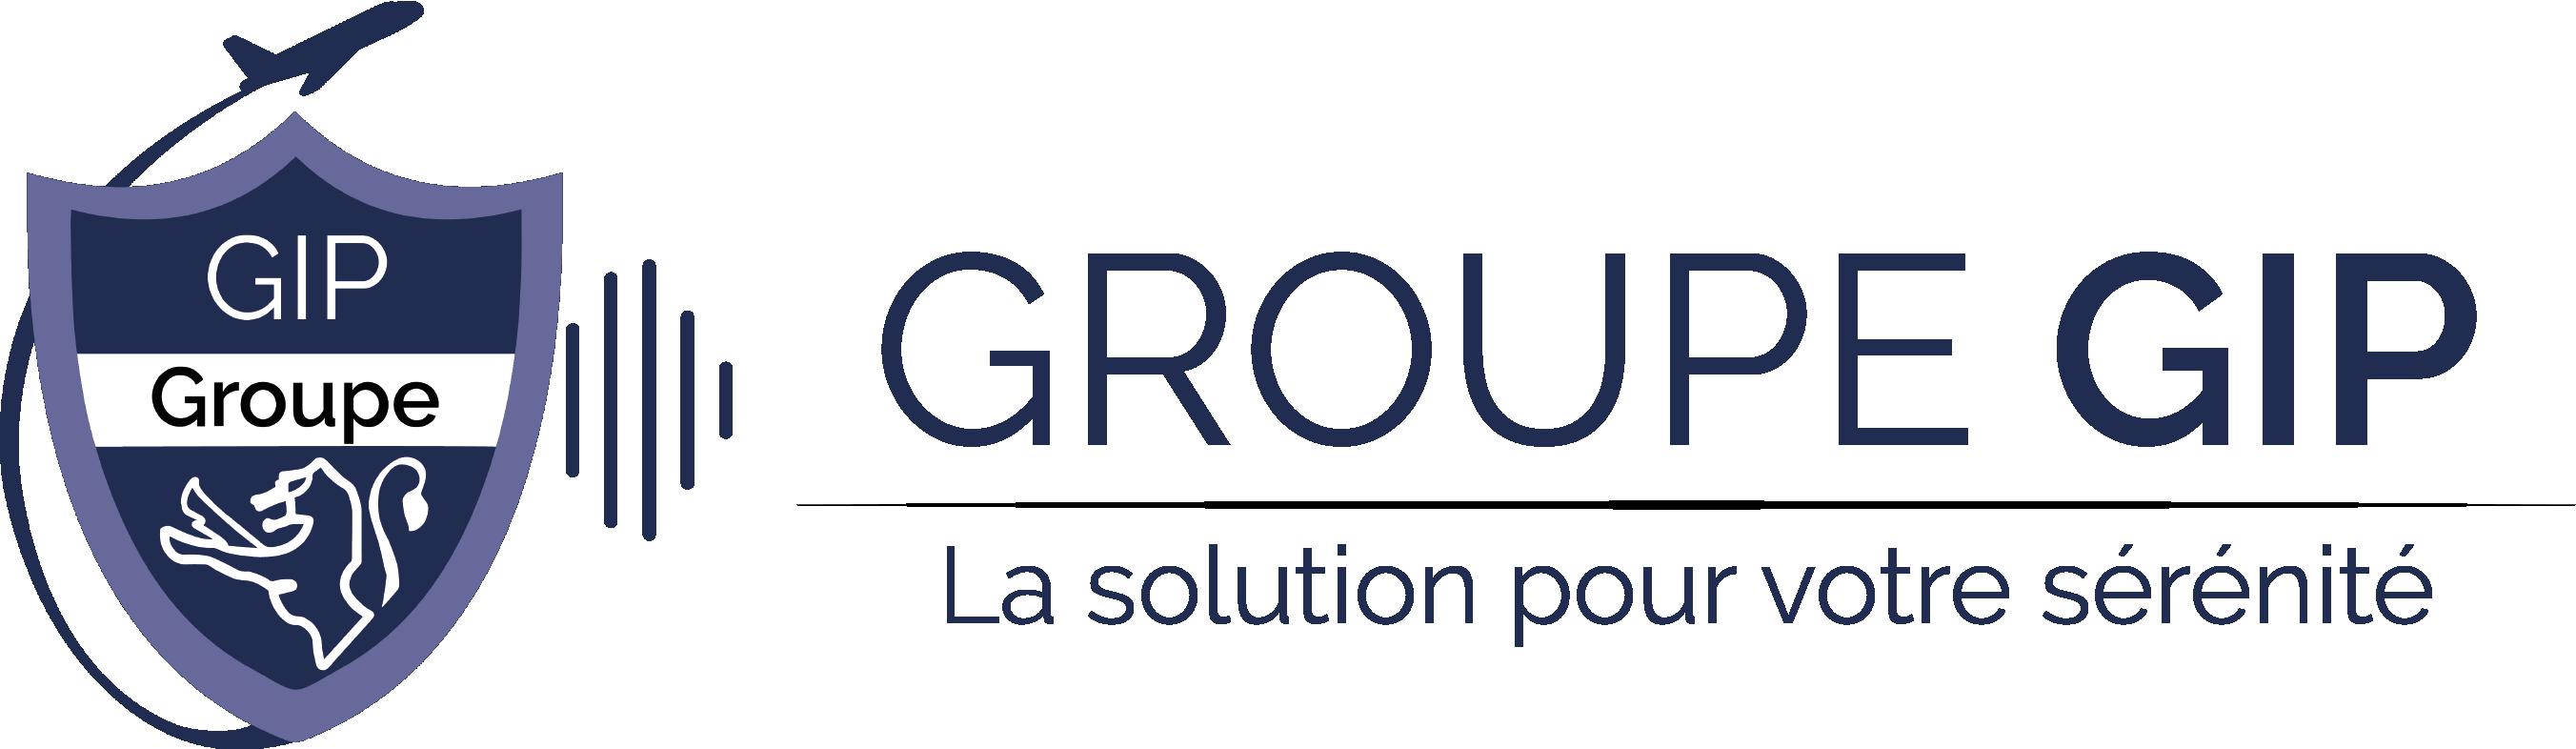 Groupe GIP : Sécurité, télésurveillance et gardiennage